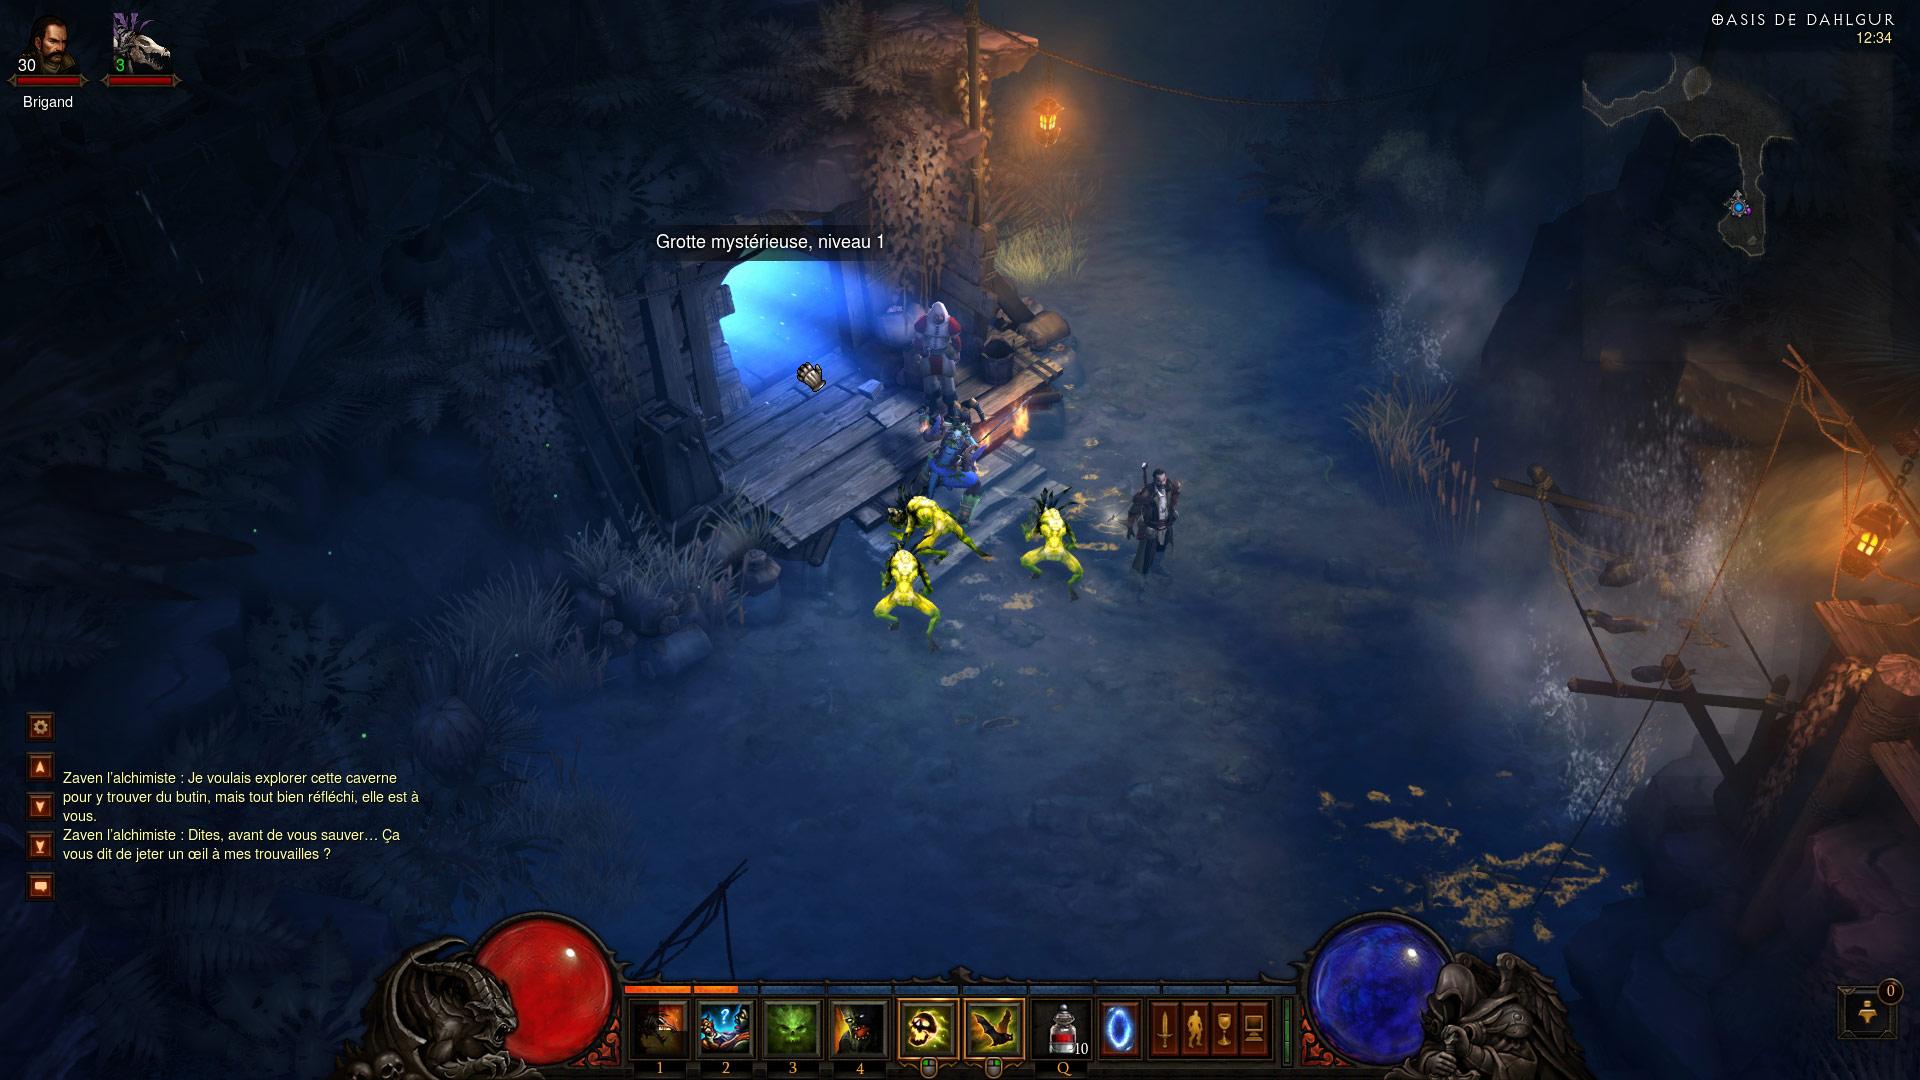 Screenshot de Diablo III.